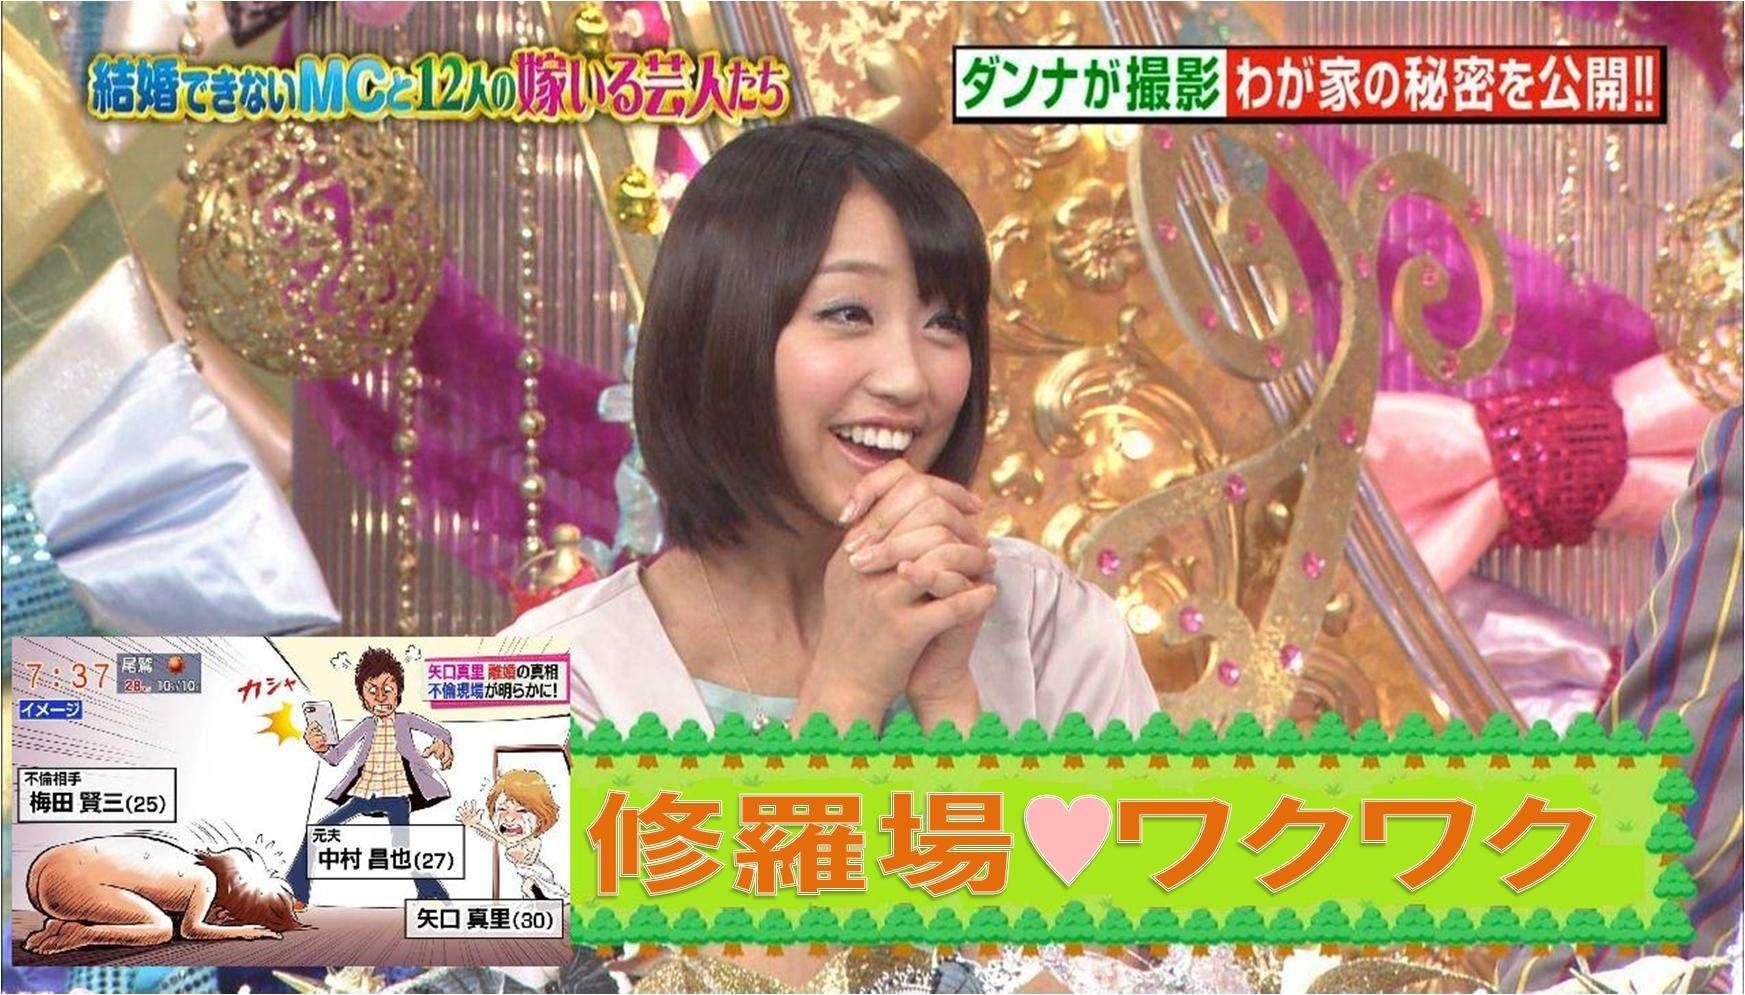 【画像あり】離婚後、初キャッチされた矢口真里「美川憲一みたいな芸能人が一番迷惑」!?